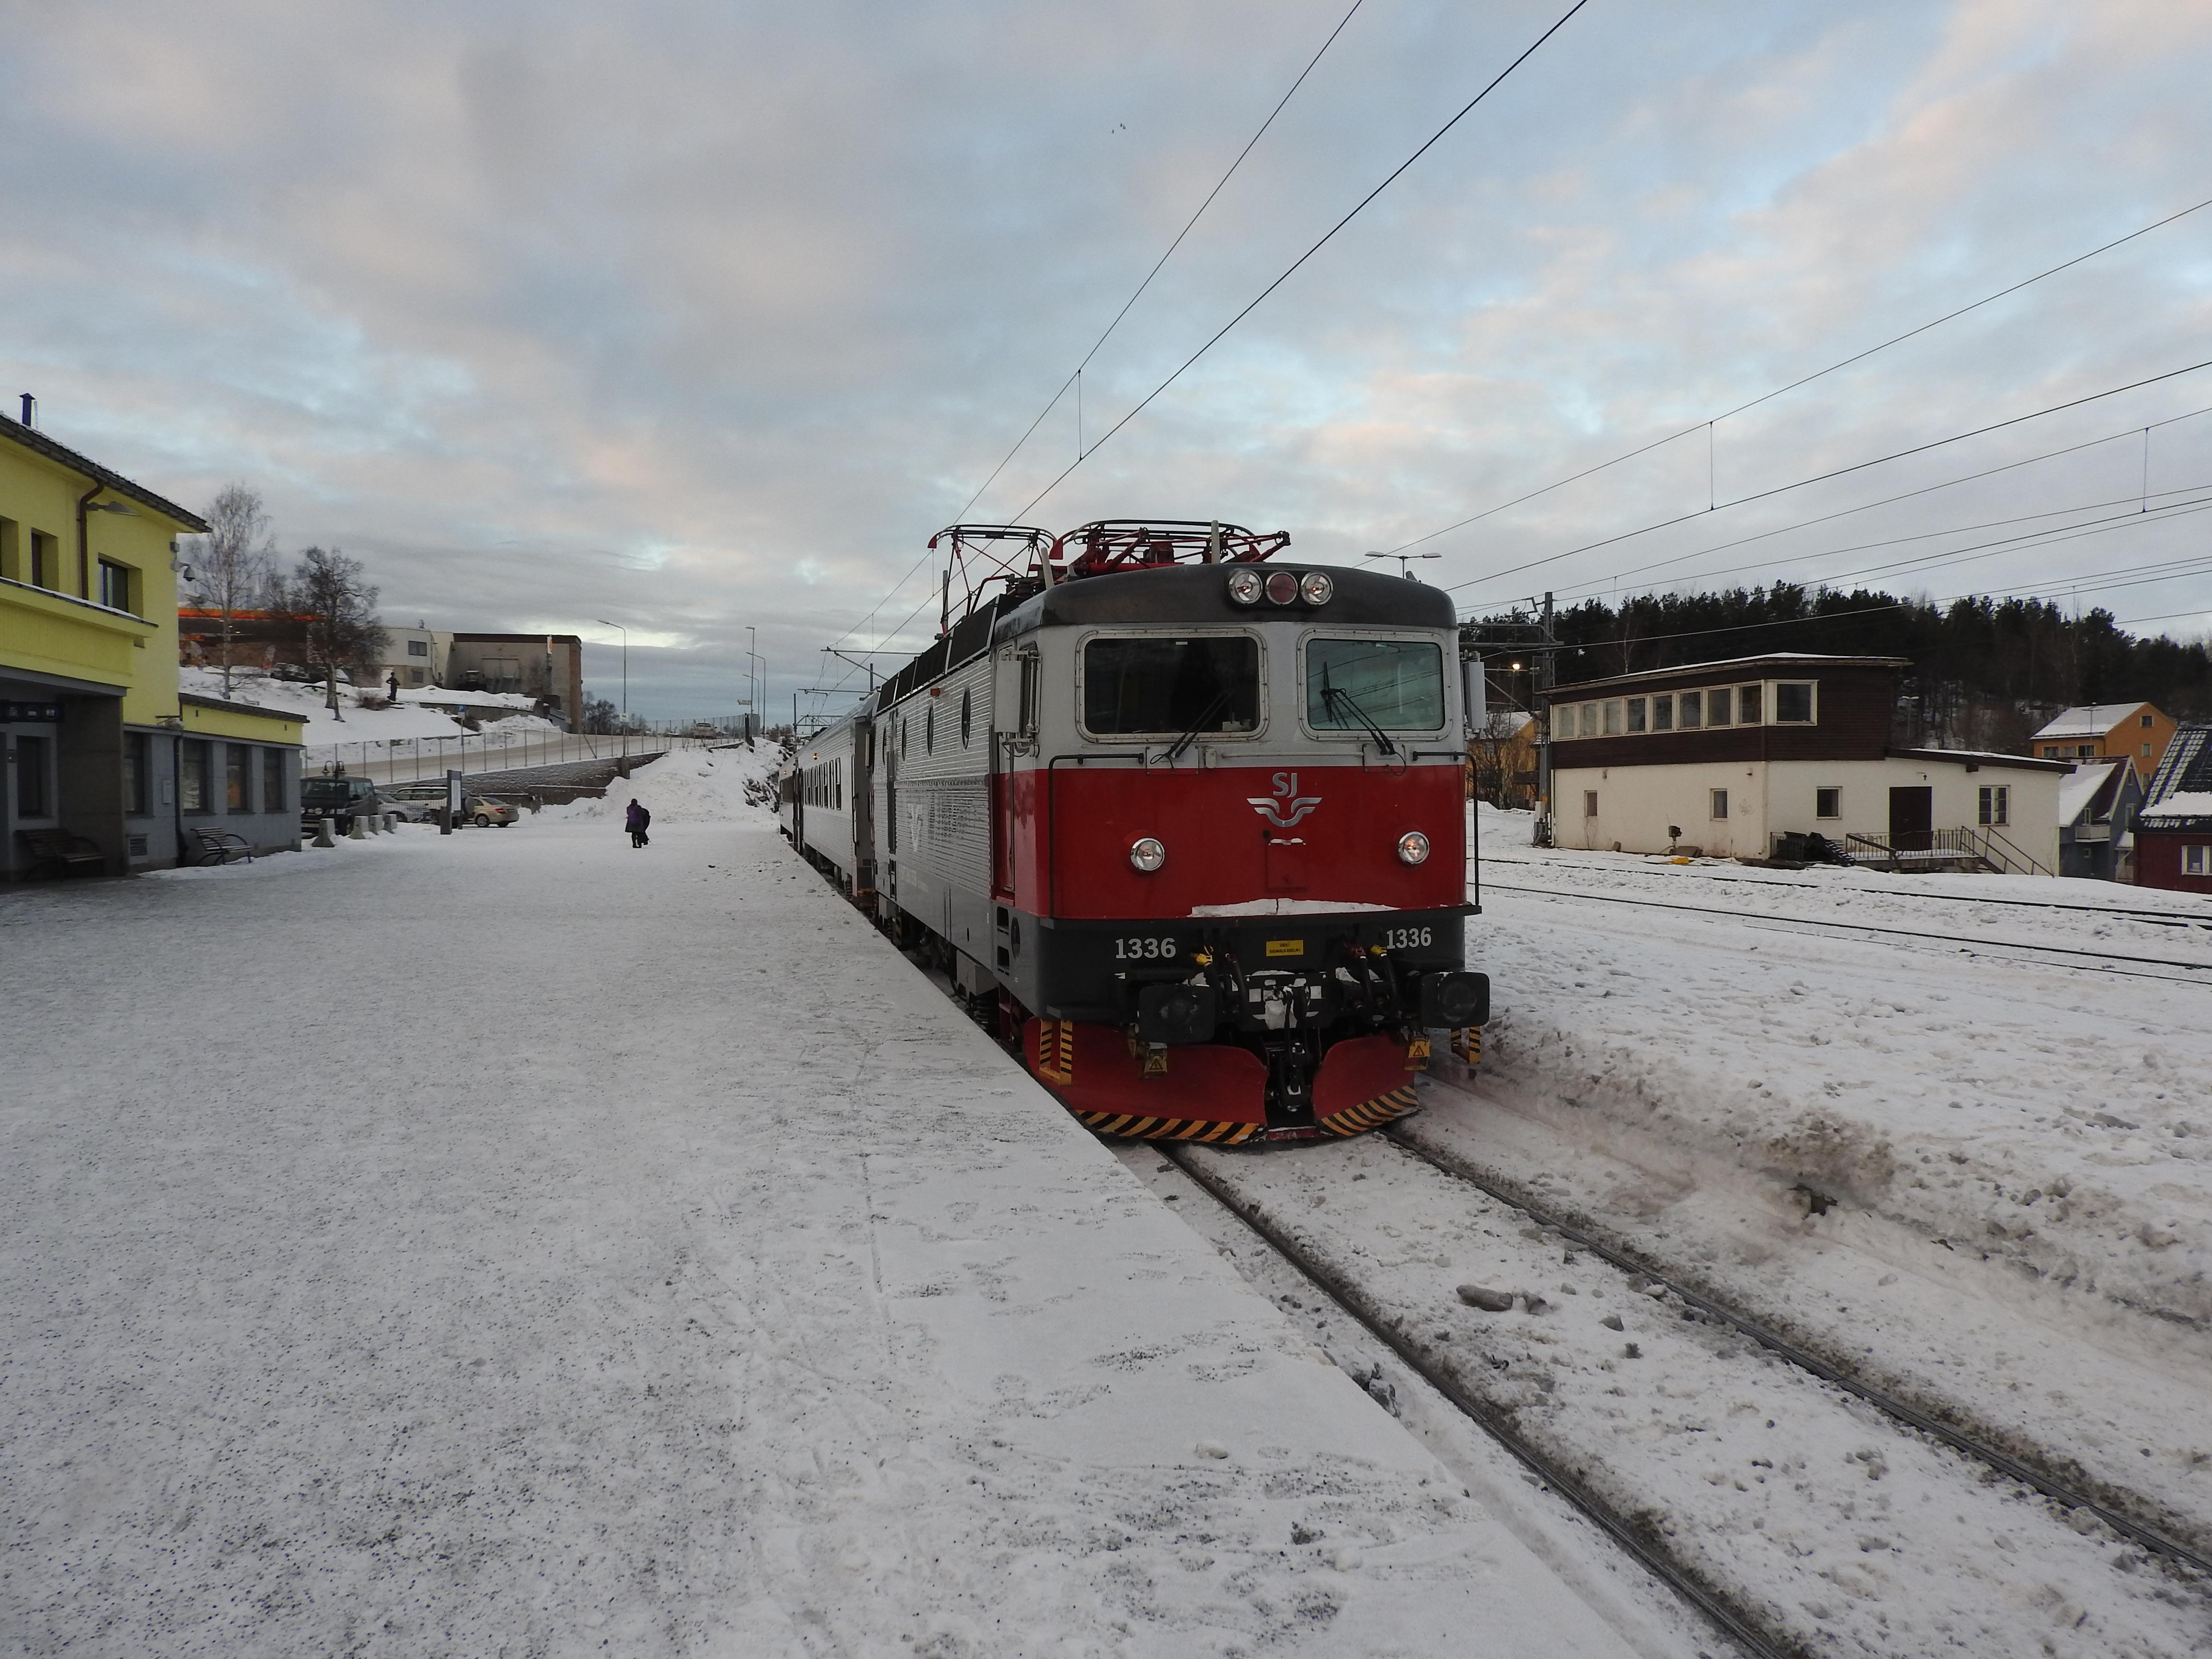 Train at Narvik Station, Norway